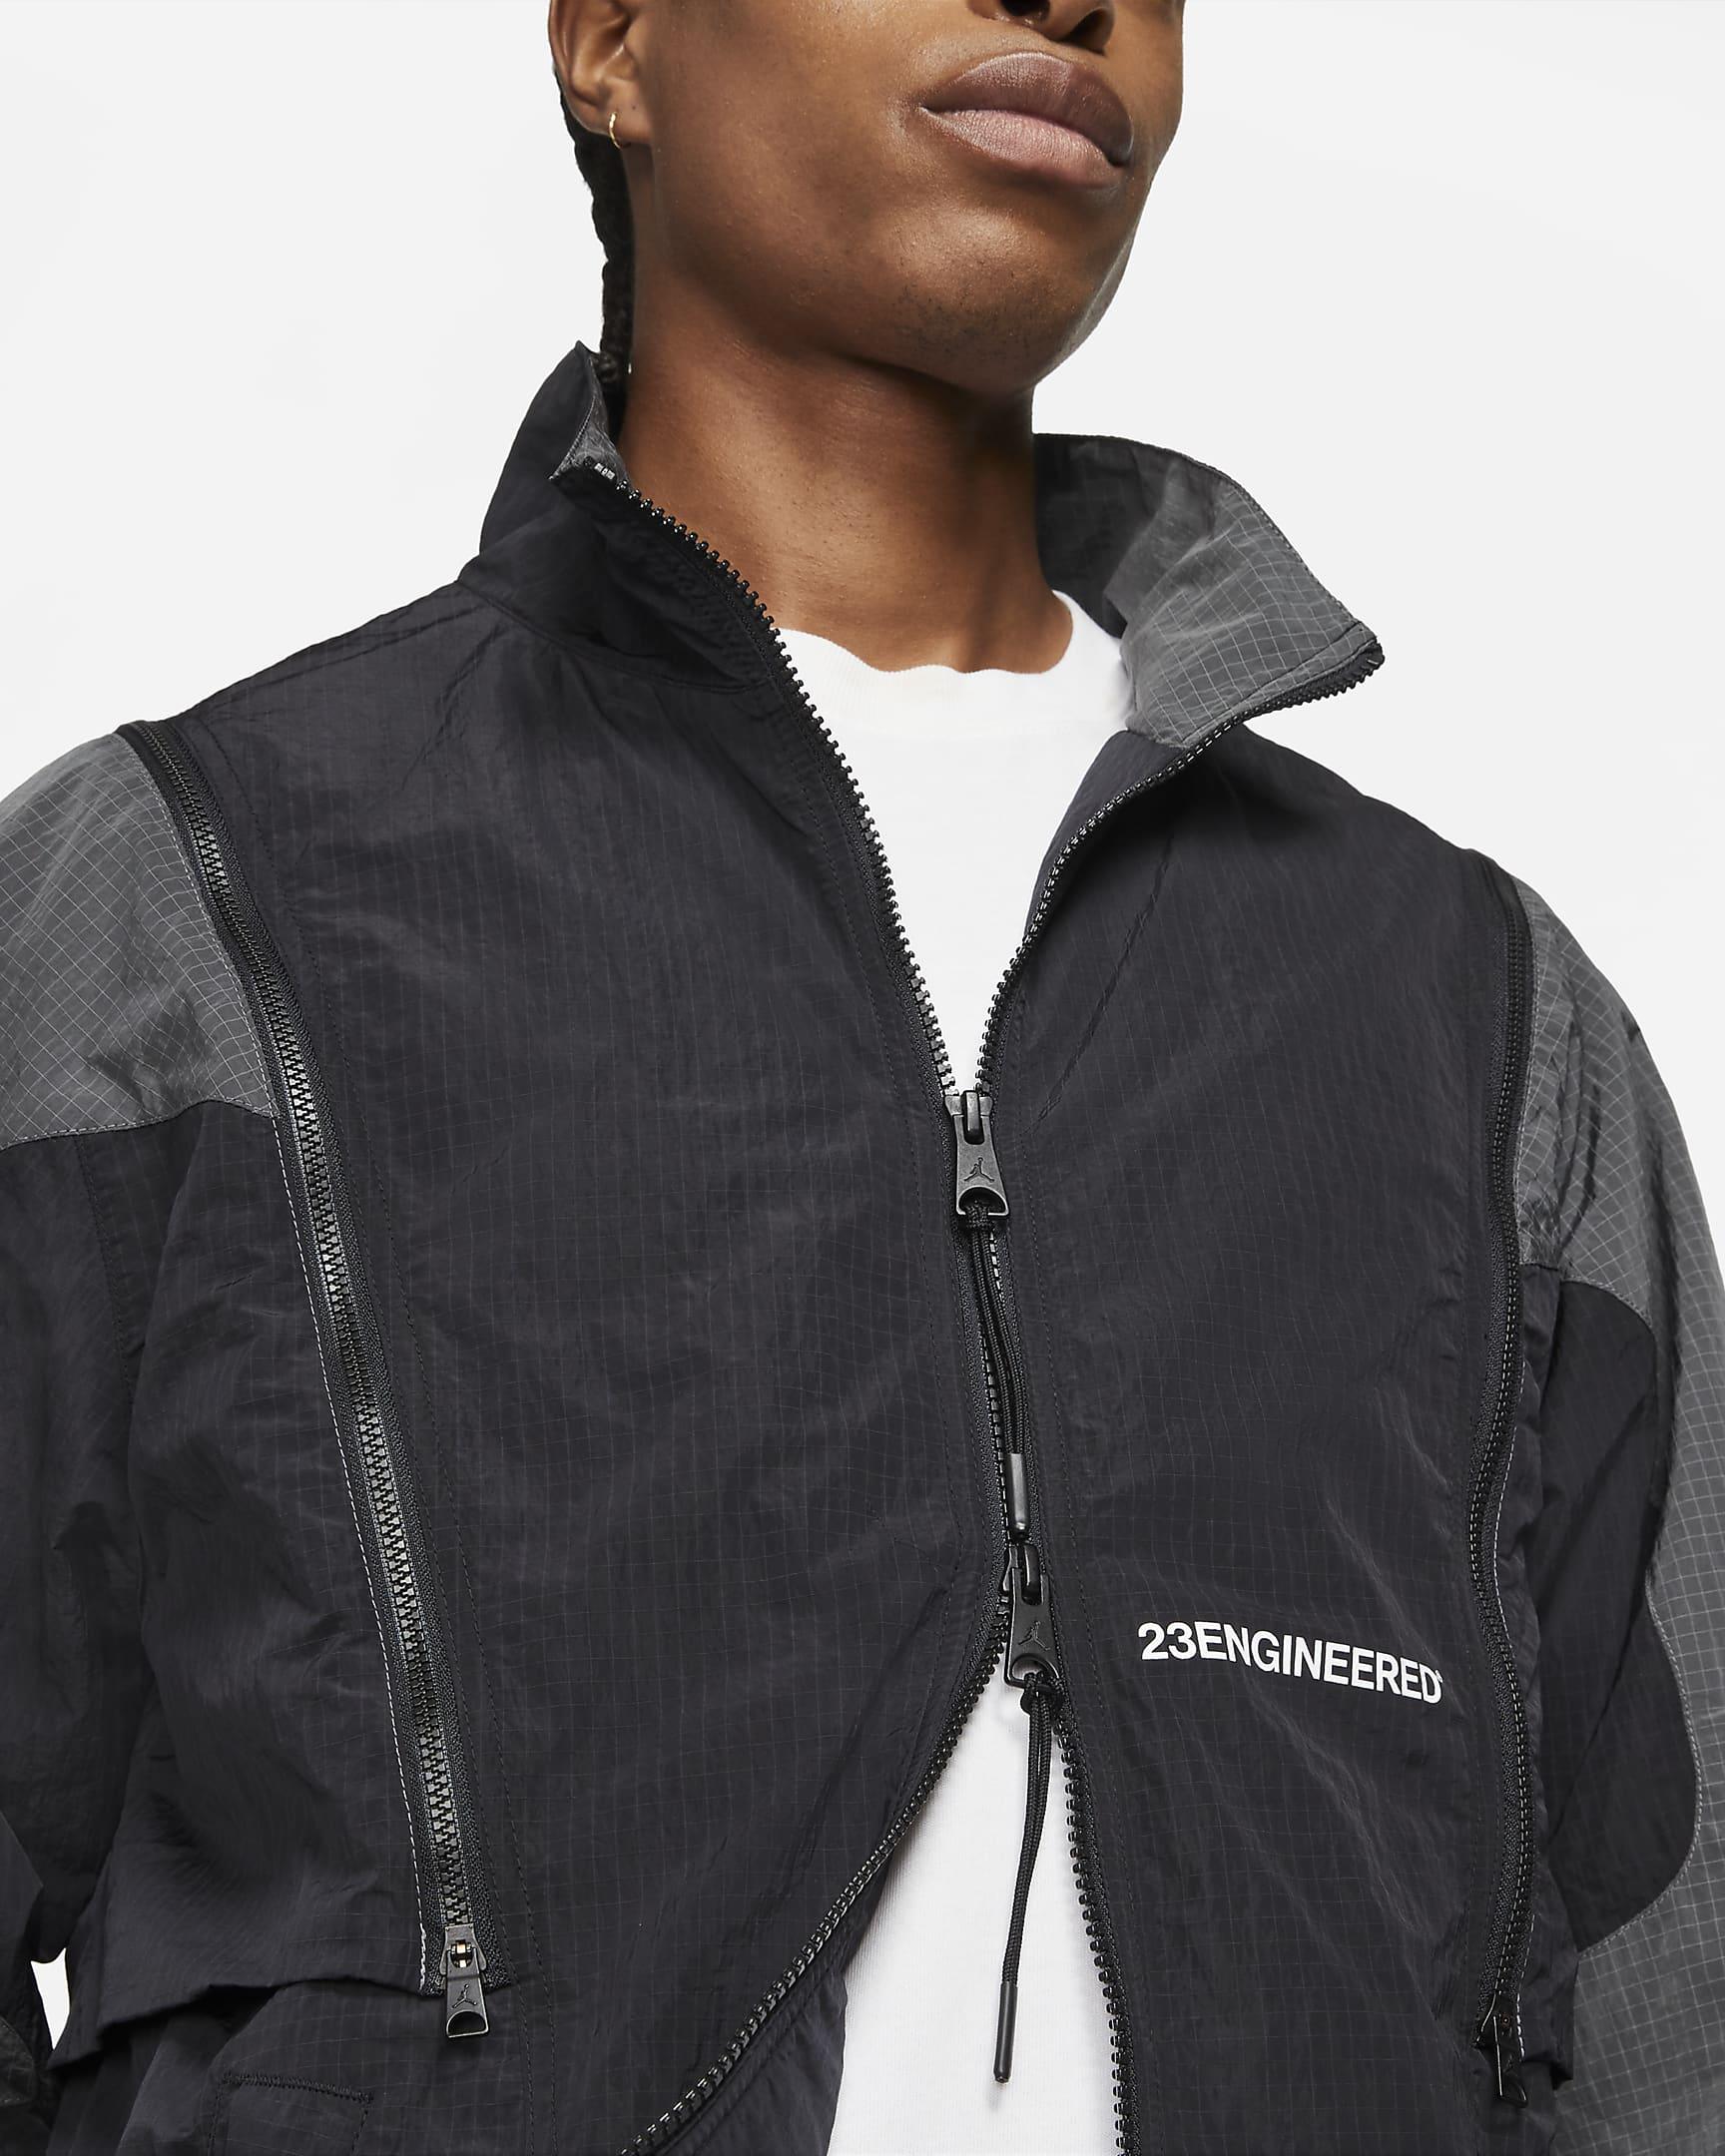 jordan-23-engineered-mens-woven-jacket-SFDMk2-2.png